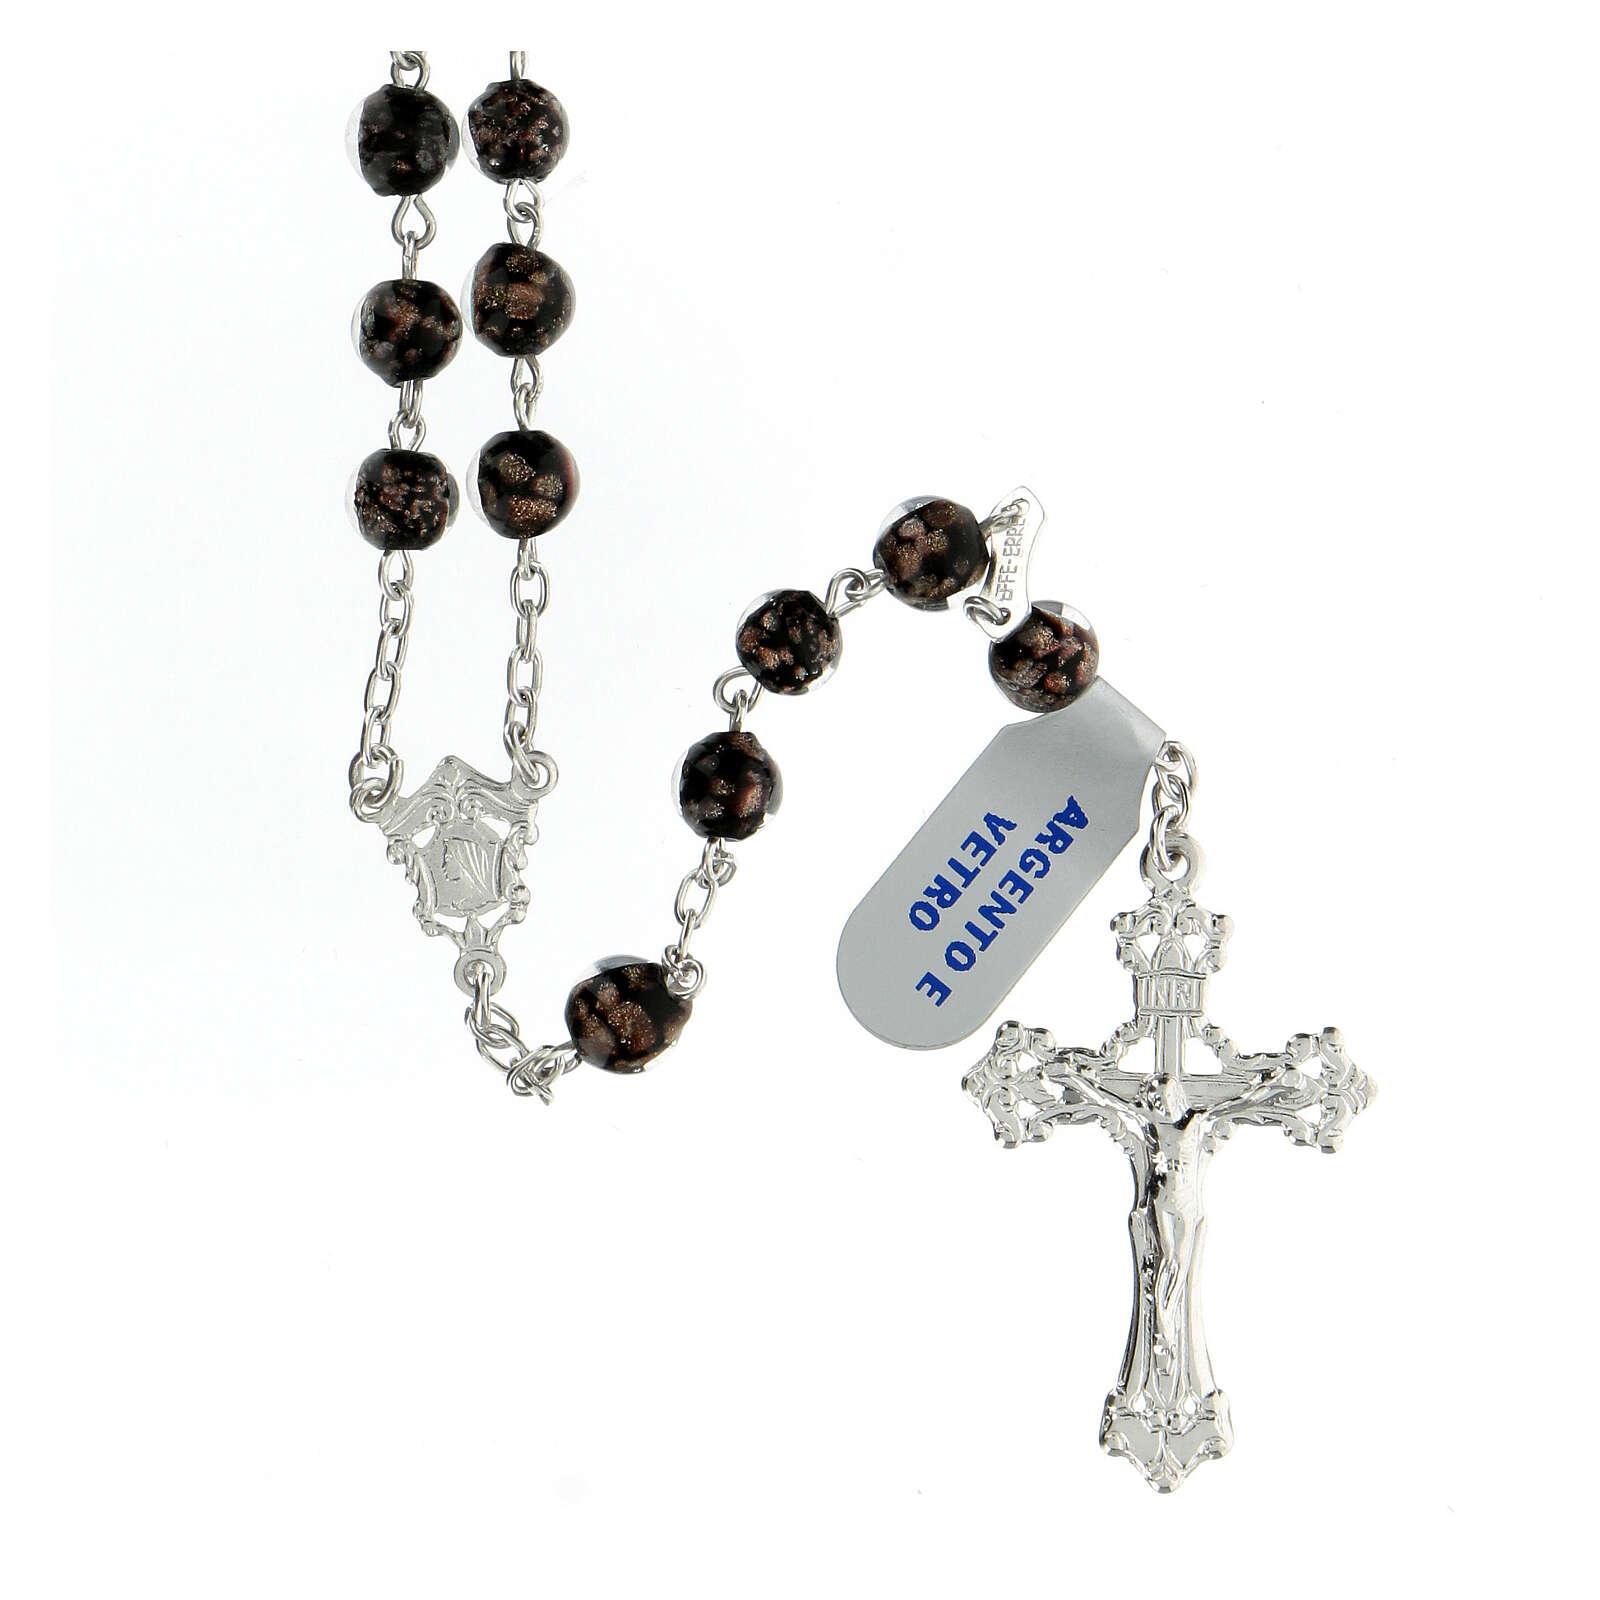 Chapelet perles verre noir or 6 mm croix argent 925 4